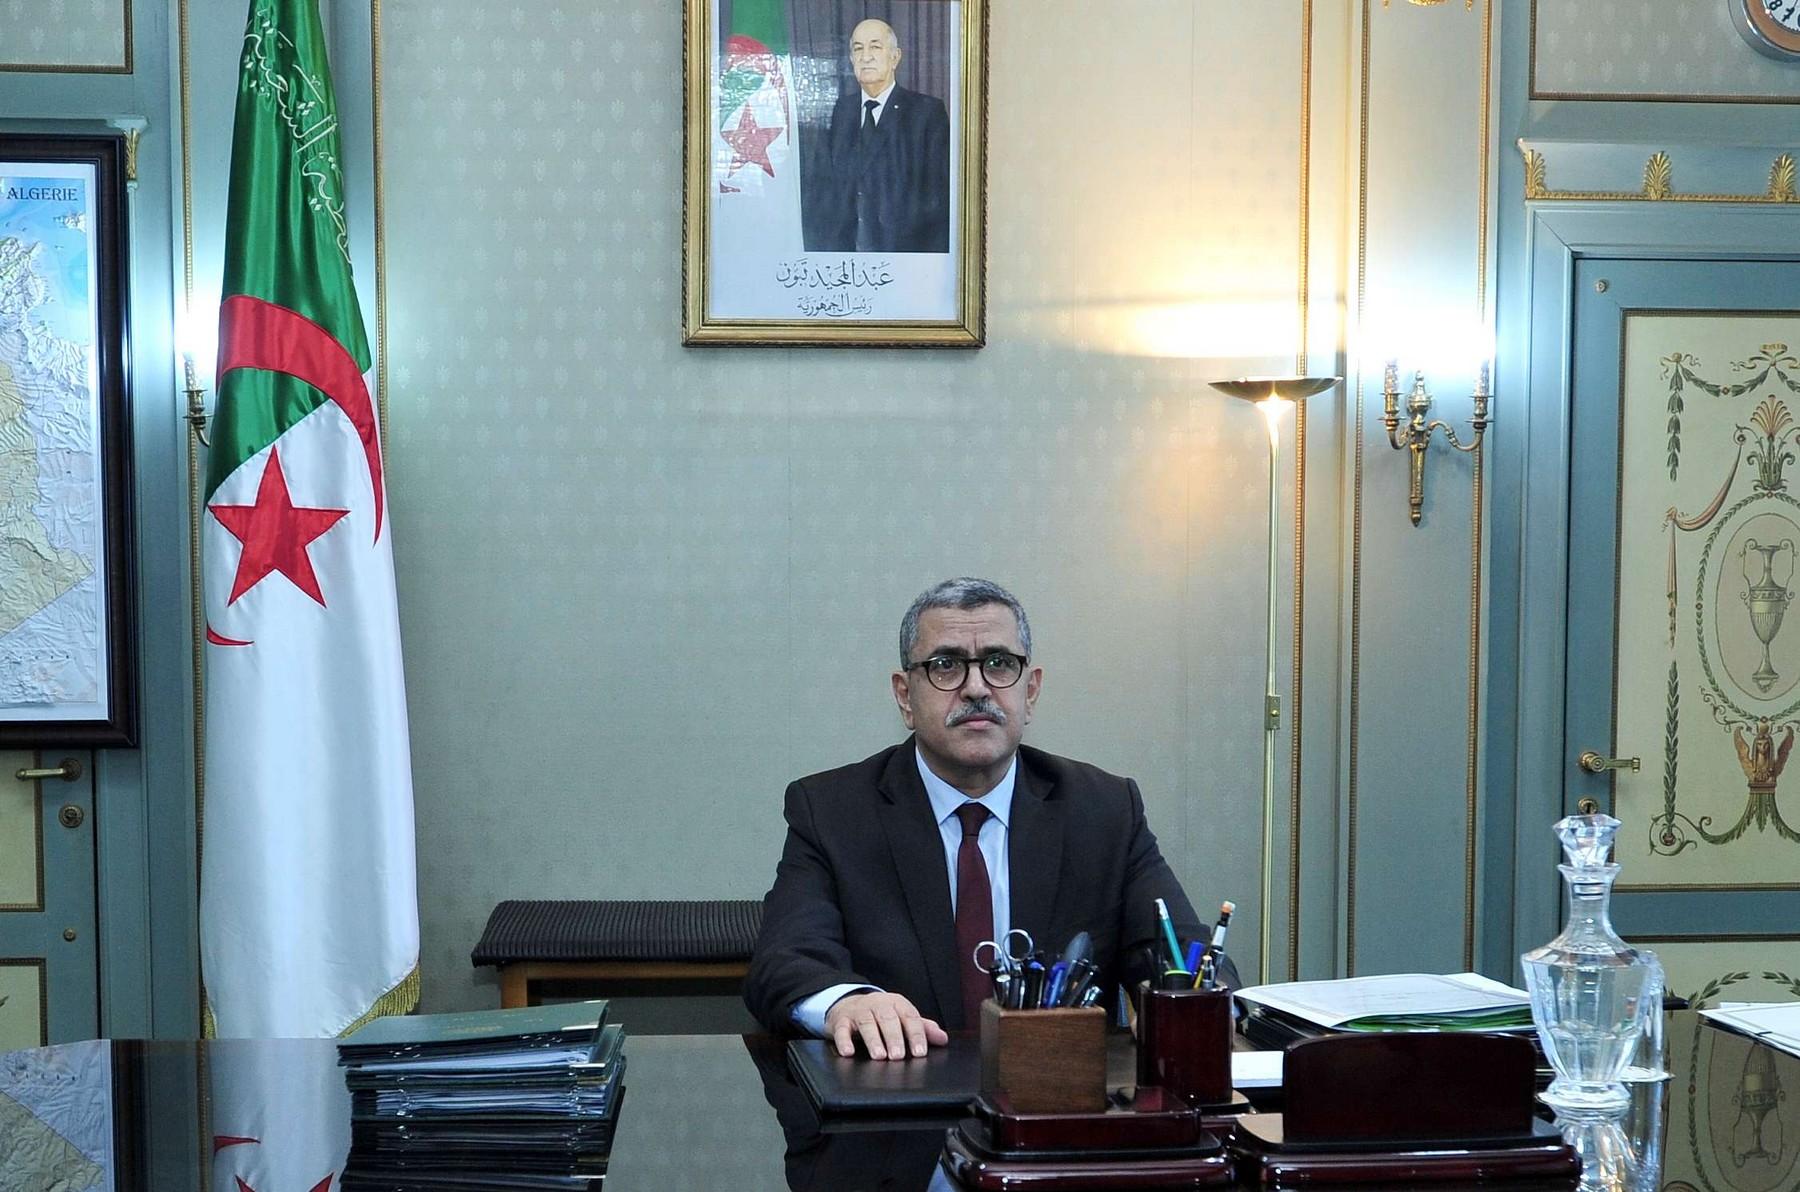 Réunion du Gouvernement: Trois projets de décrets exécutifs relatifs aux Finances et à l'Energie examinés - Algérie